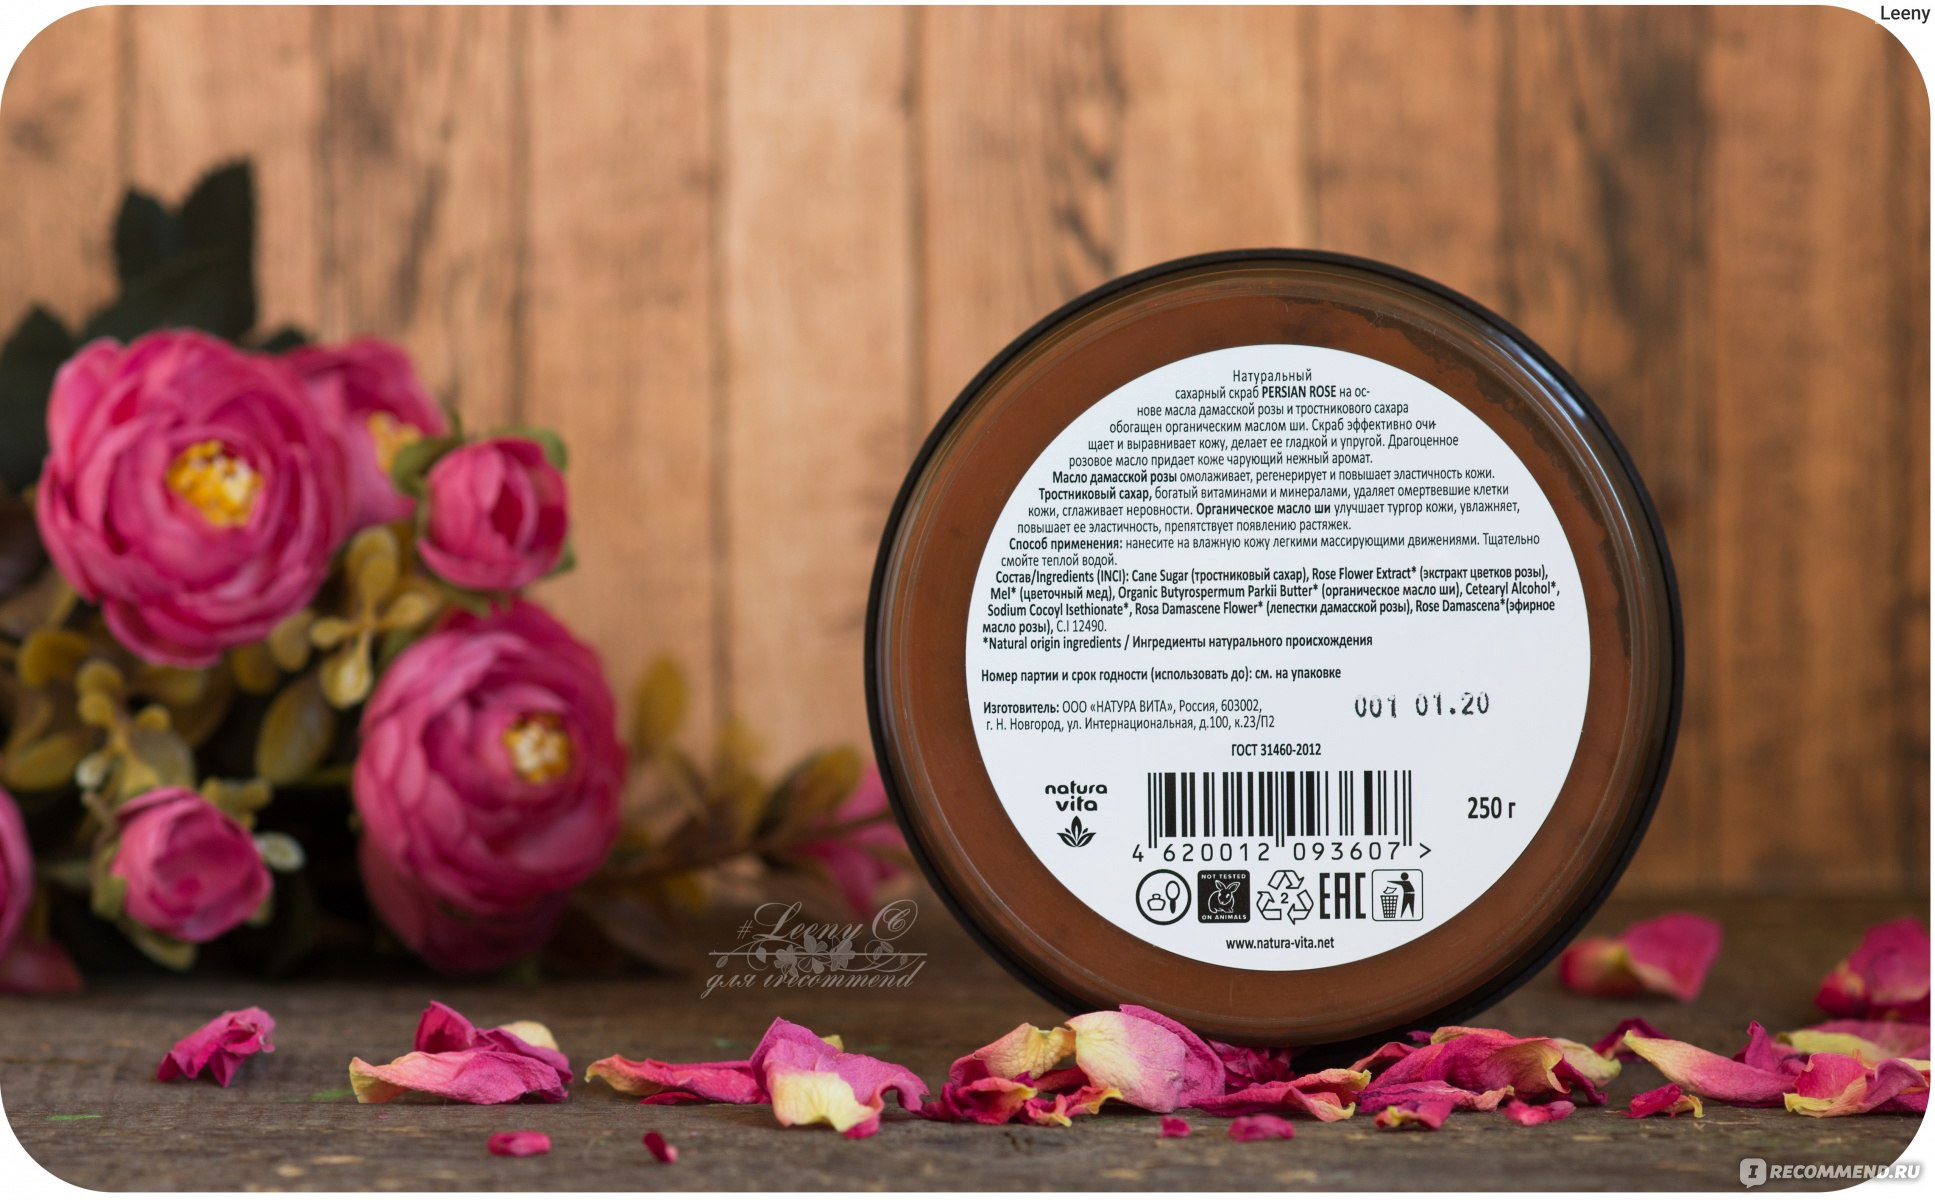 Natura vita косметика купить косметика babor официальный сайт цены купить